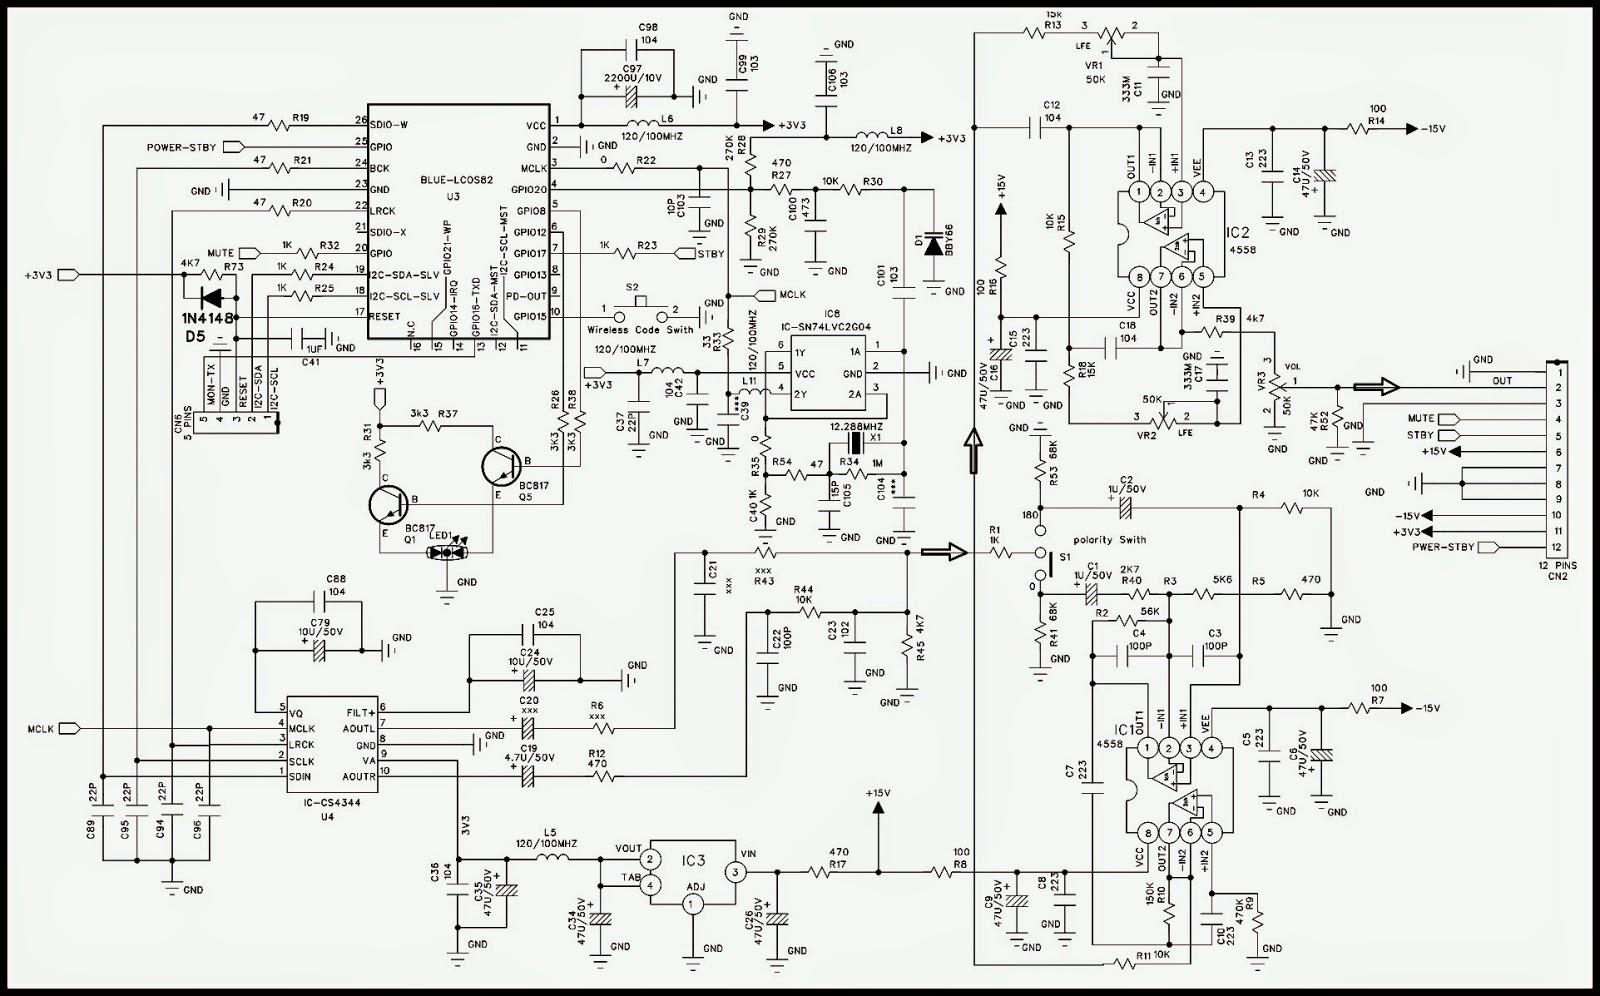 Sound Bar Hook Up Diagram Wiring Diagram And Schematics